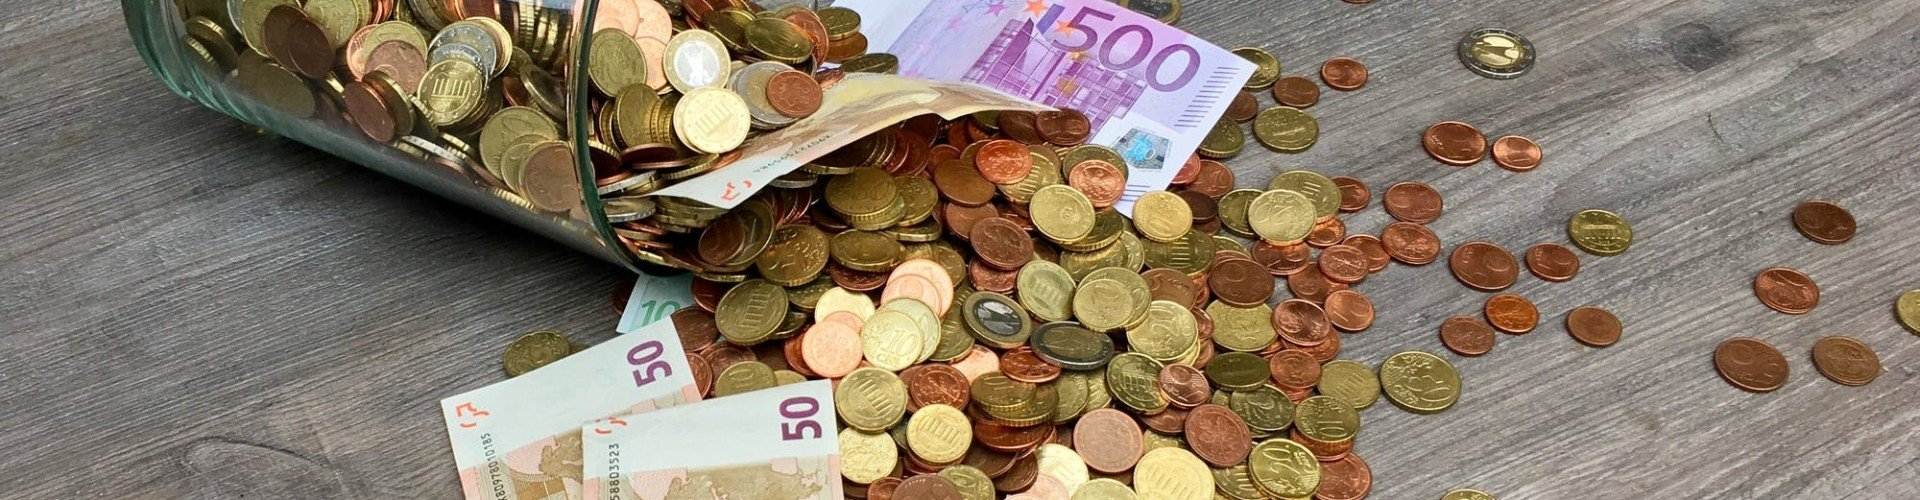 Parler d'argent... Est-ce toujours un tabou ? Enquête Zety (2020)